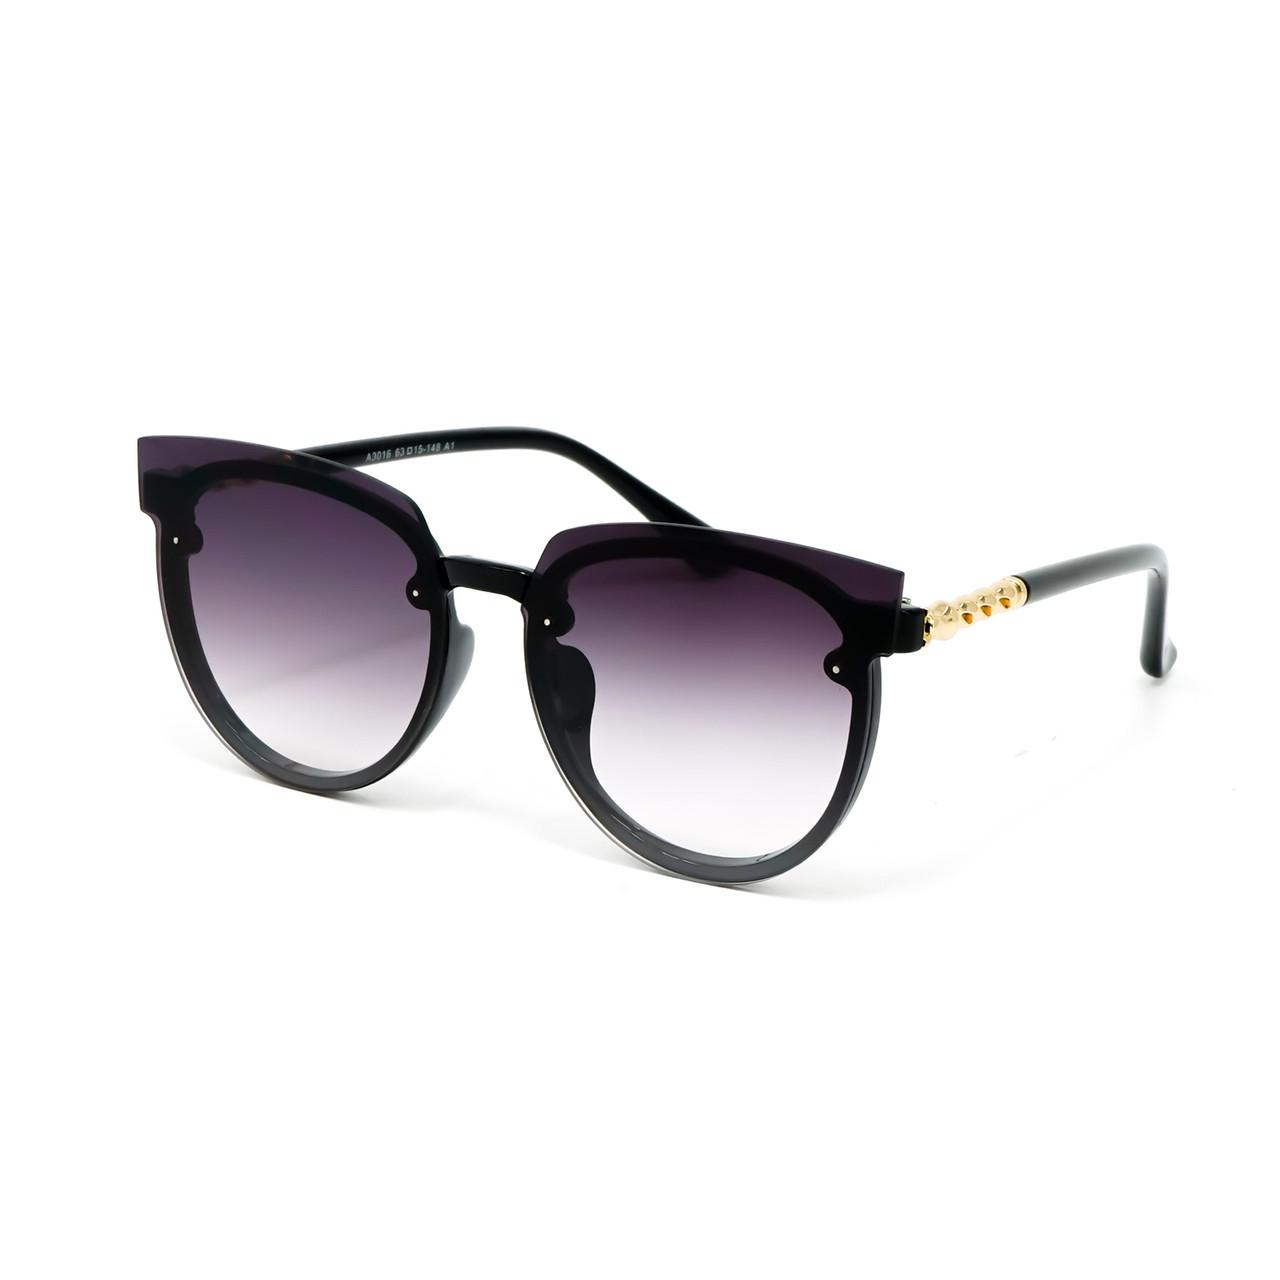 Солнцезащитные очки Marmilen A3016 C1-1 черные градиент    ( A3016-01-1 )